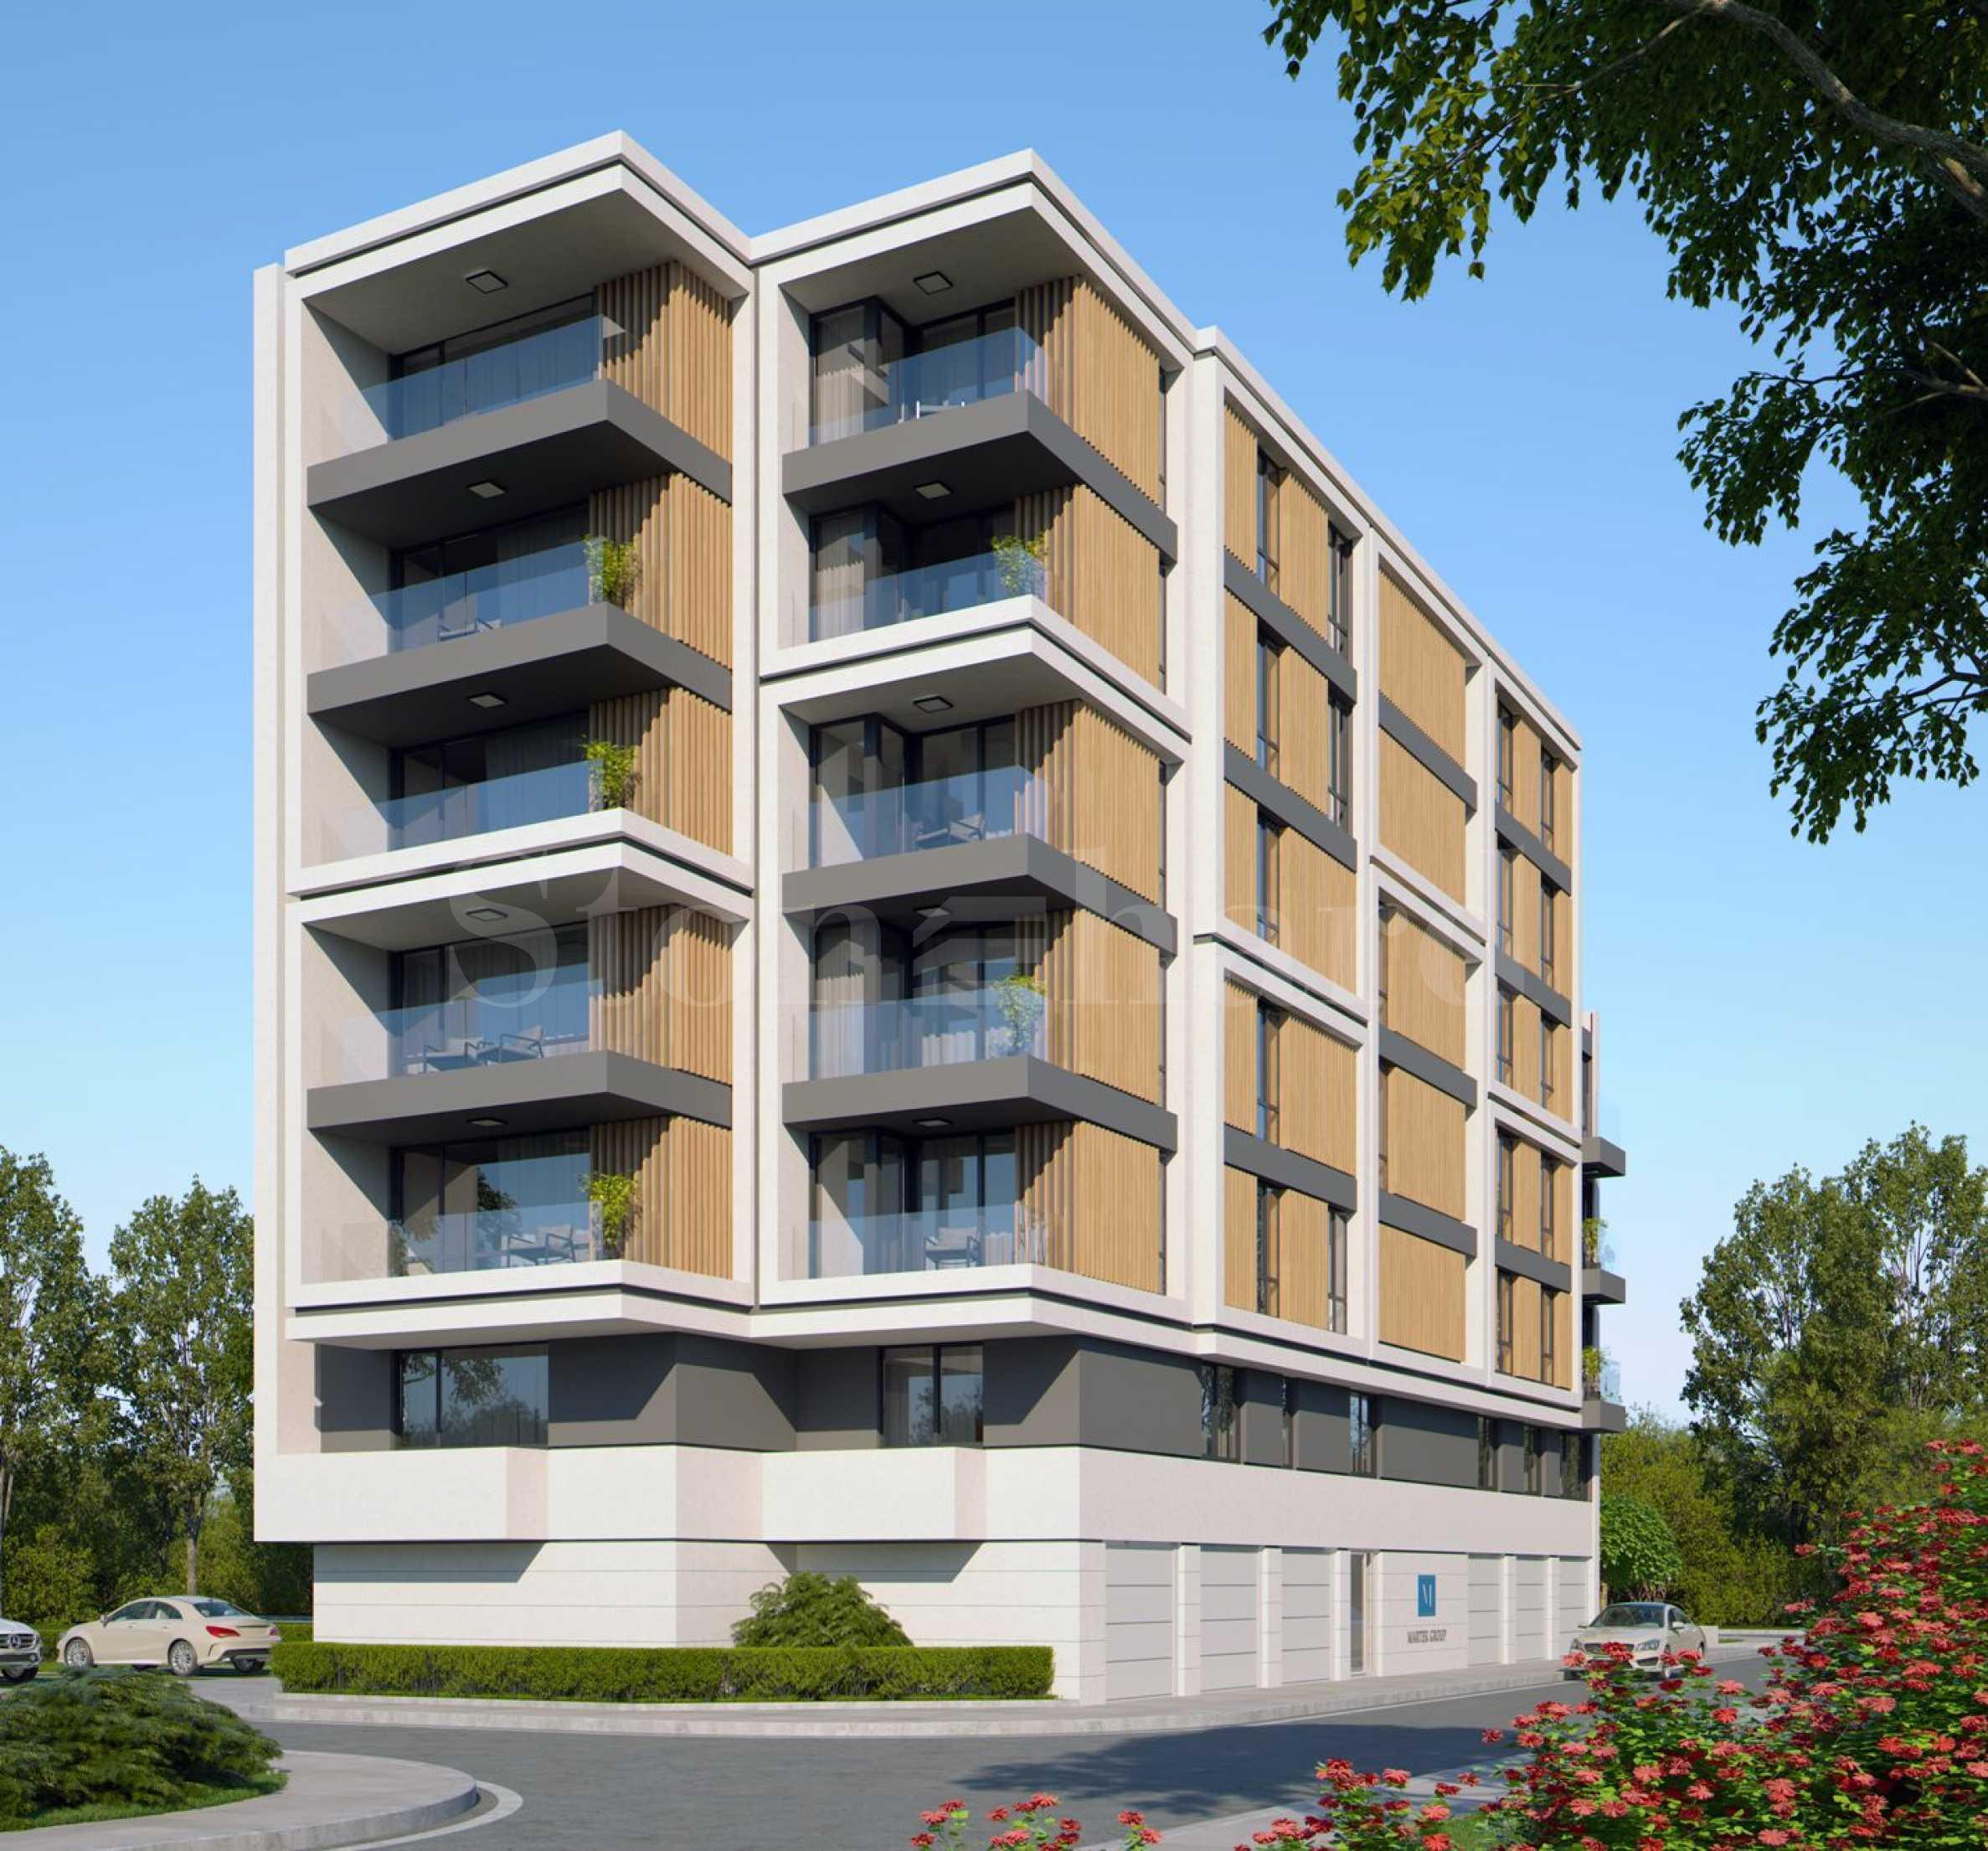 Модерна жилищна сграда в близост до Бизнес парк София1 - Stonehard